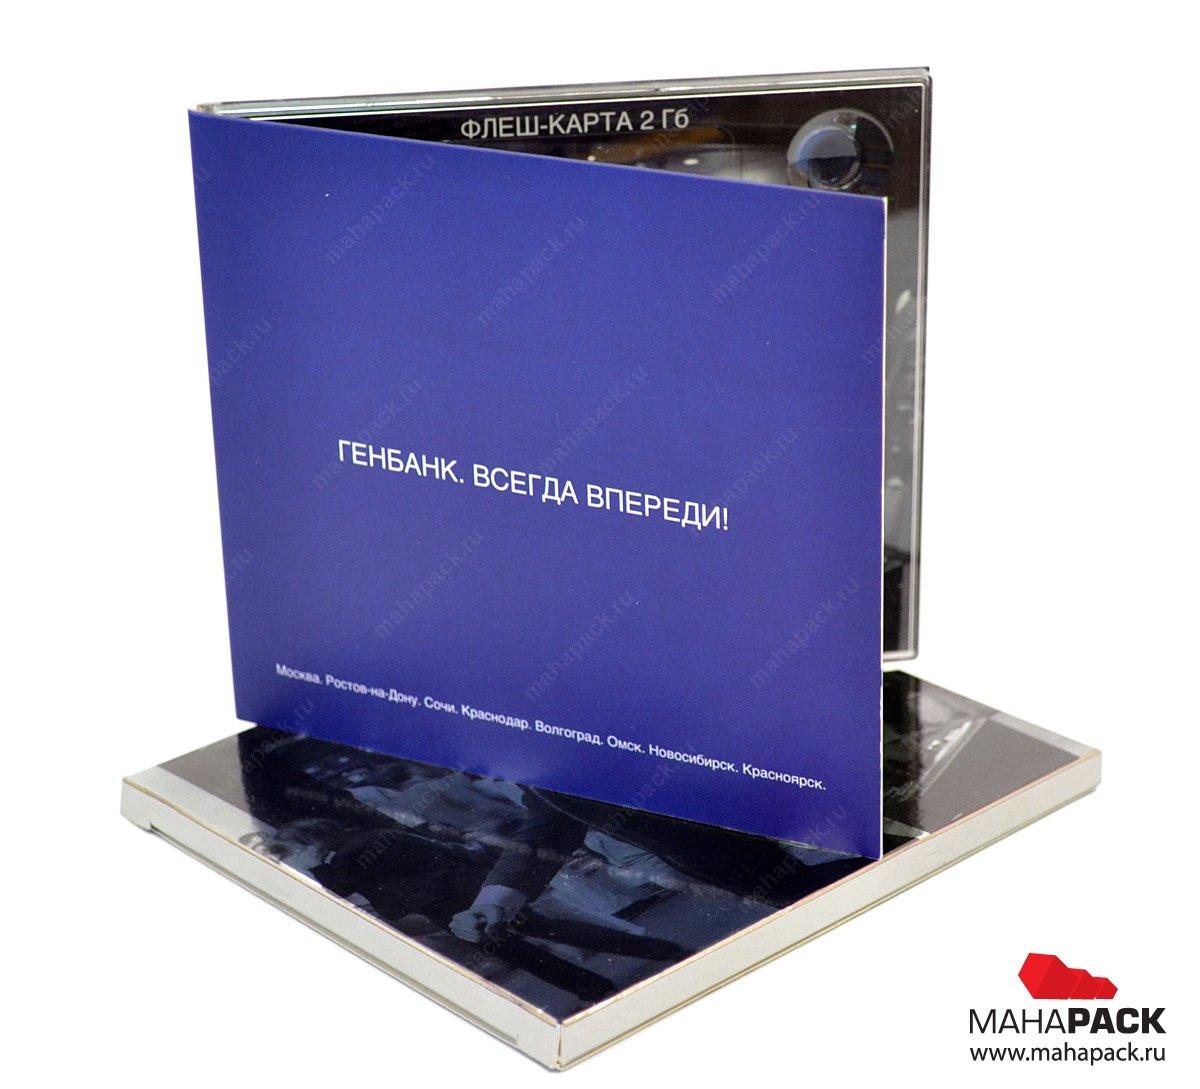 Упаковка для пластиковой карты с металлизированным слипкейсом.